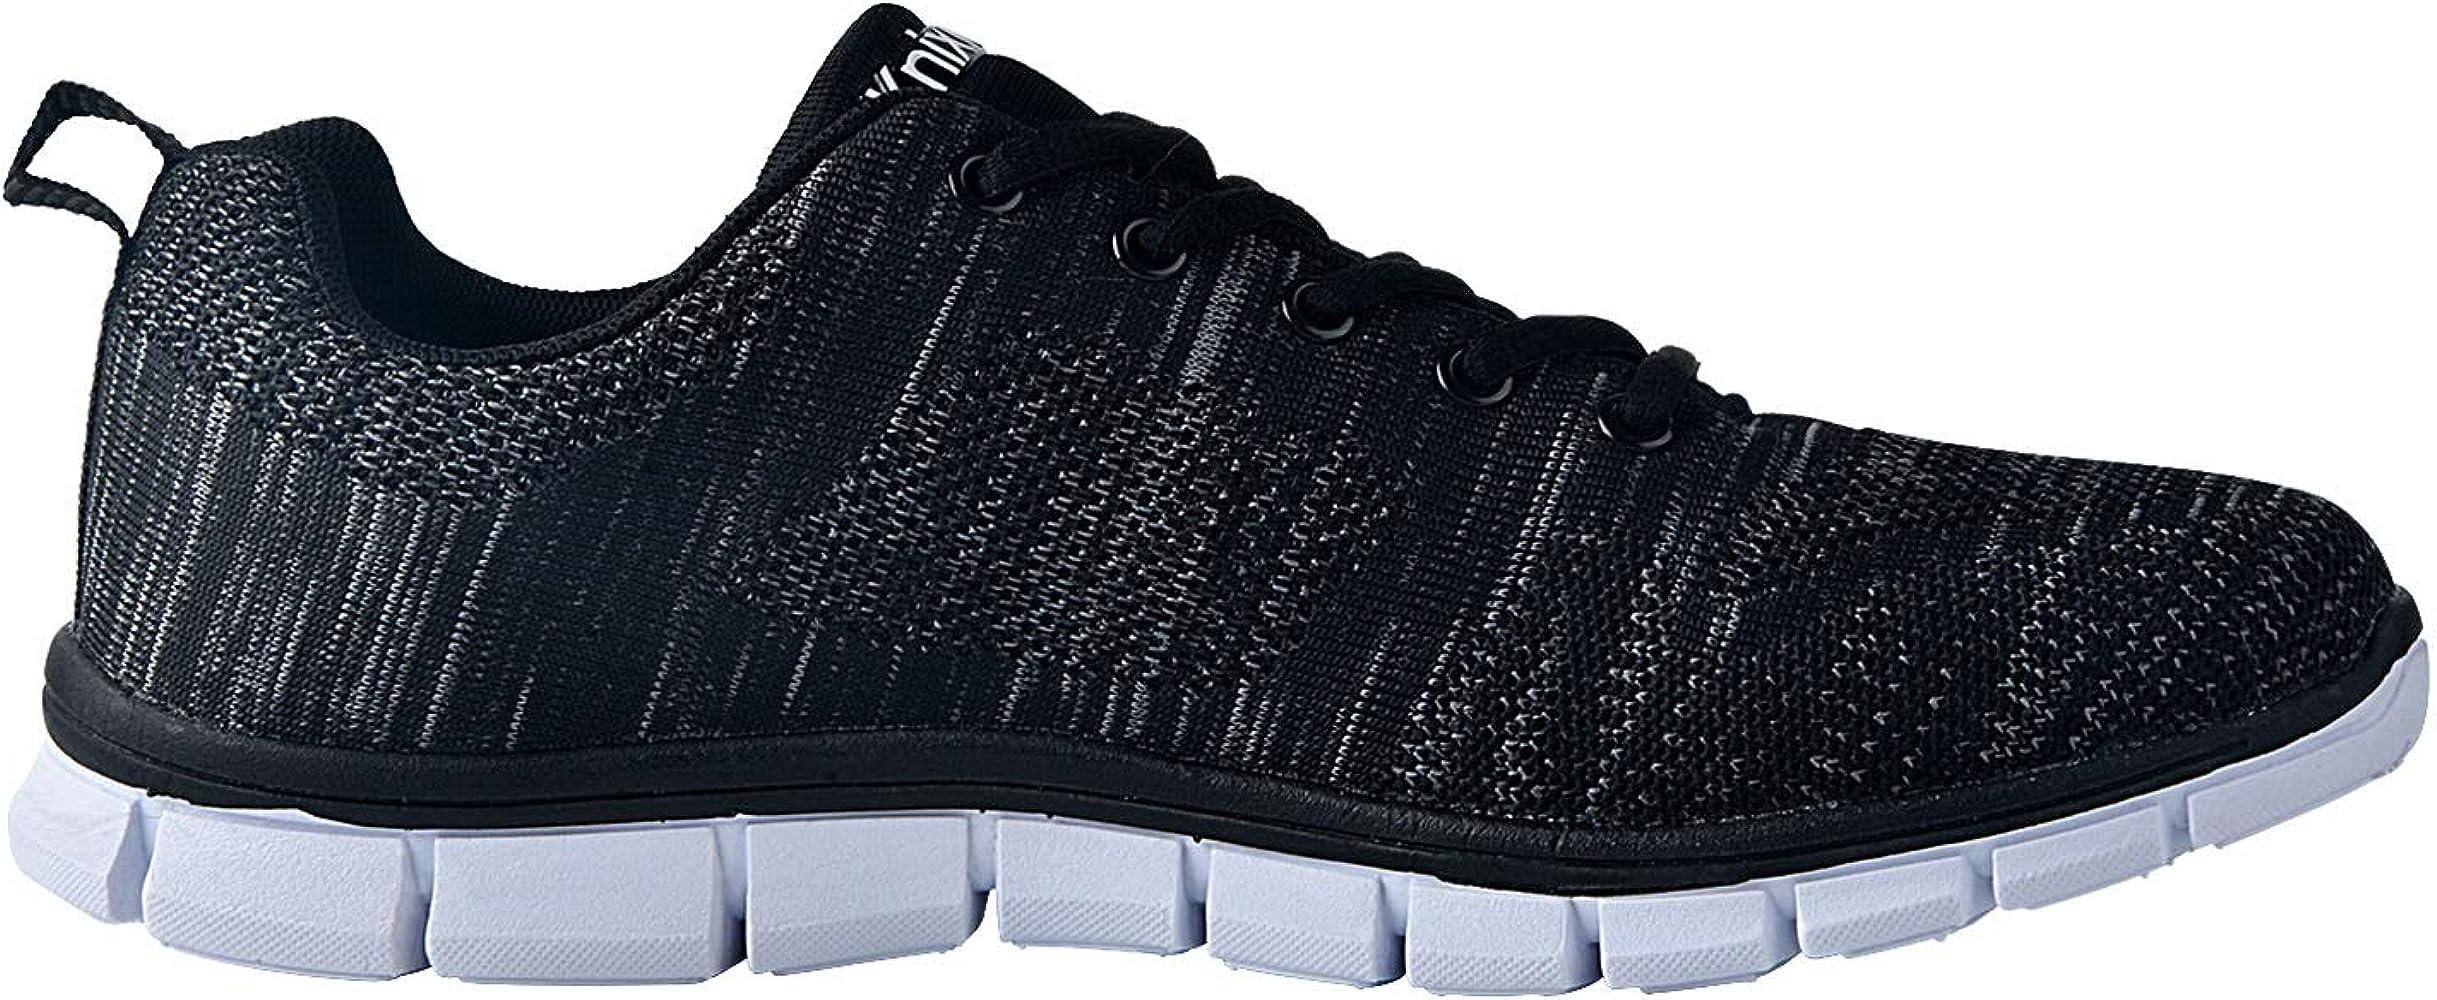 Guqi Femme Baskets de Course Chaussures de Sports Running Fitness Sneakers